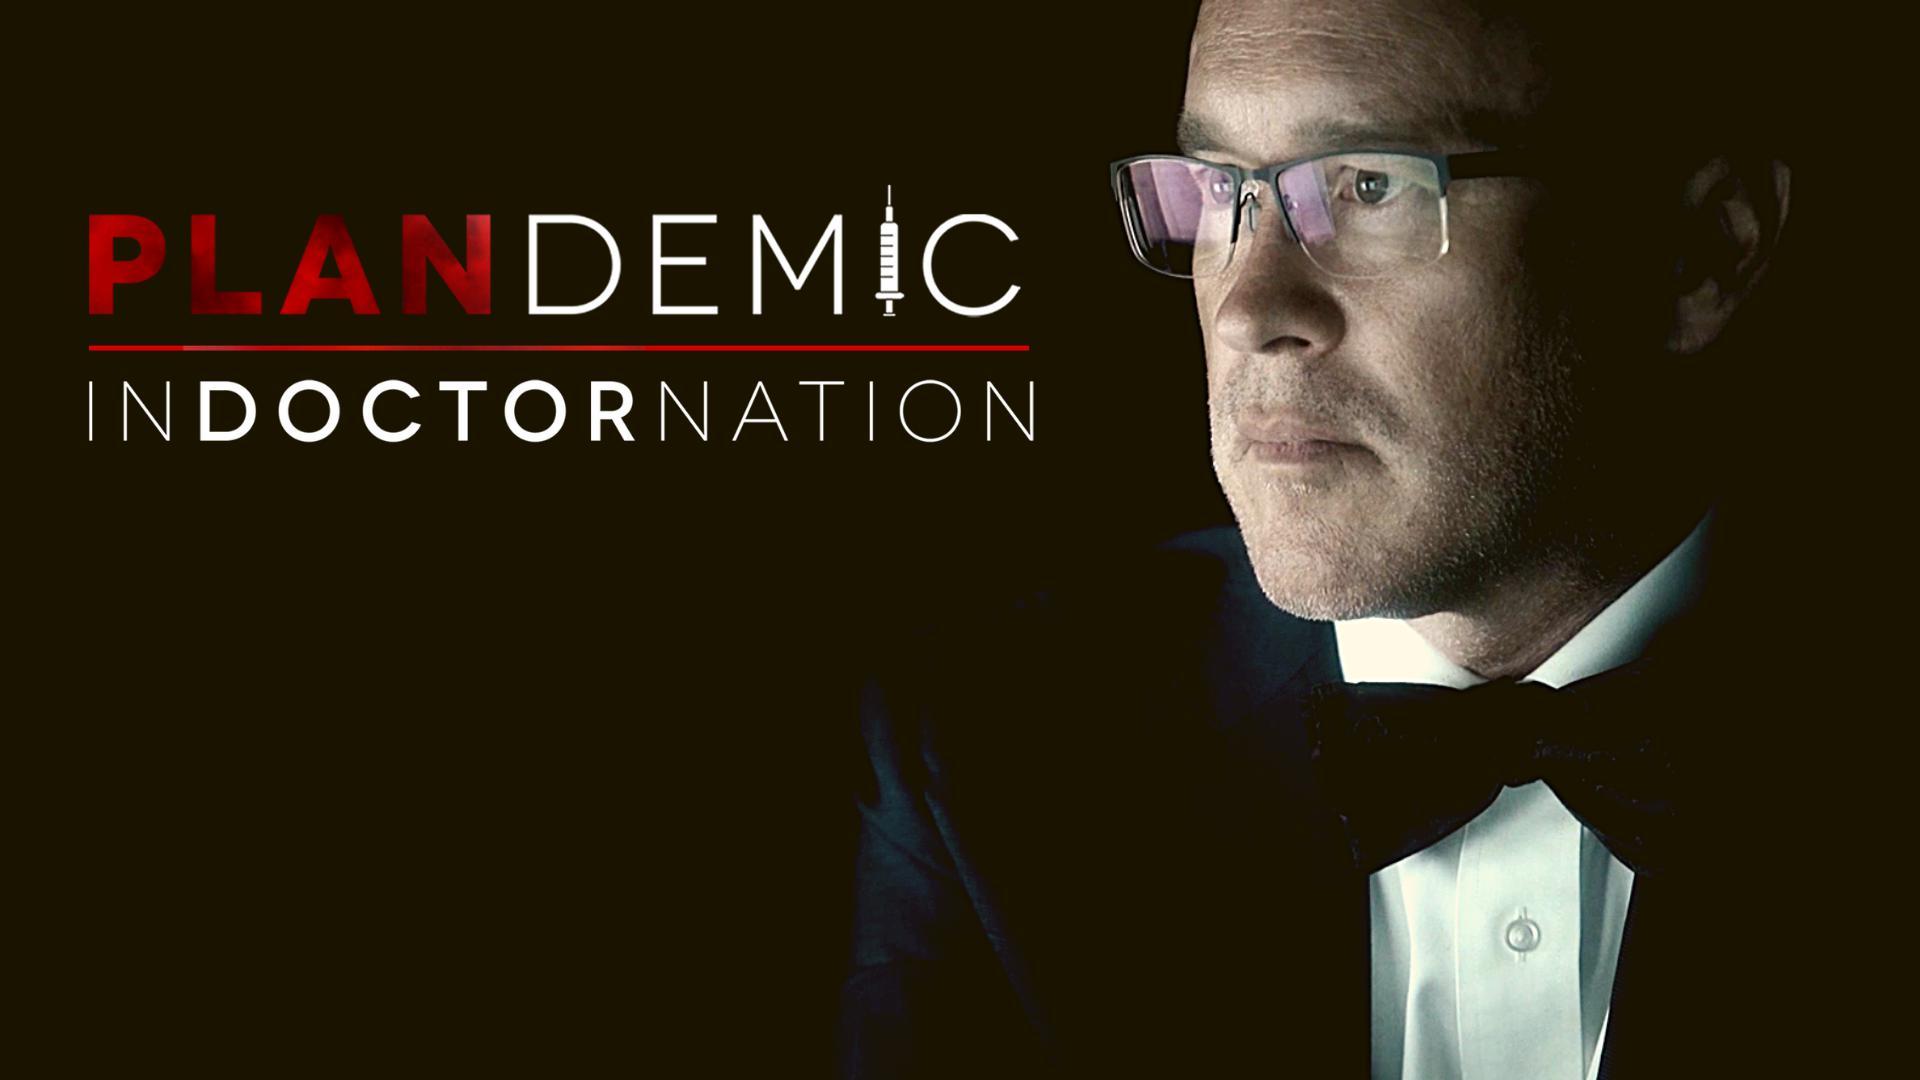 Plandemic   INDOCTORNATION